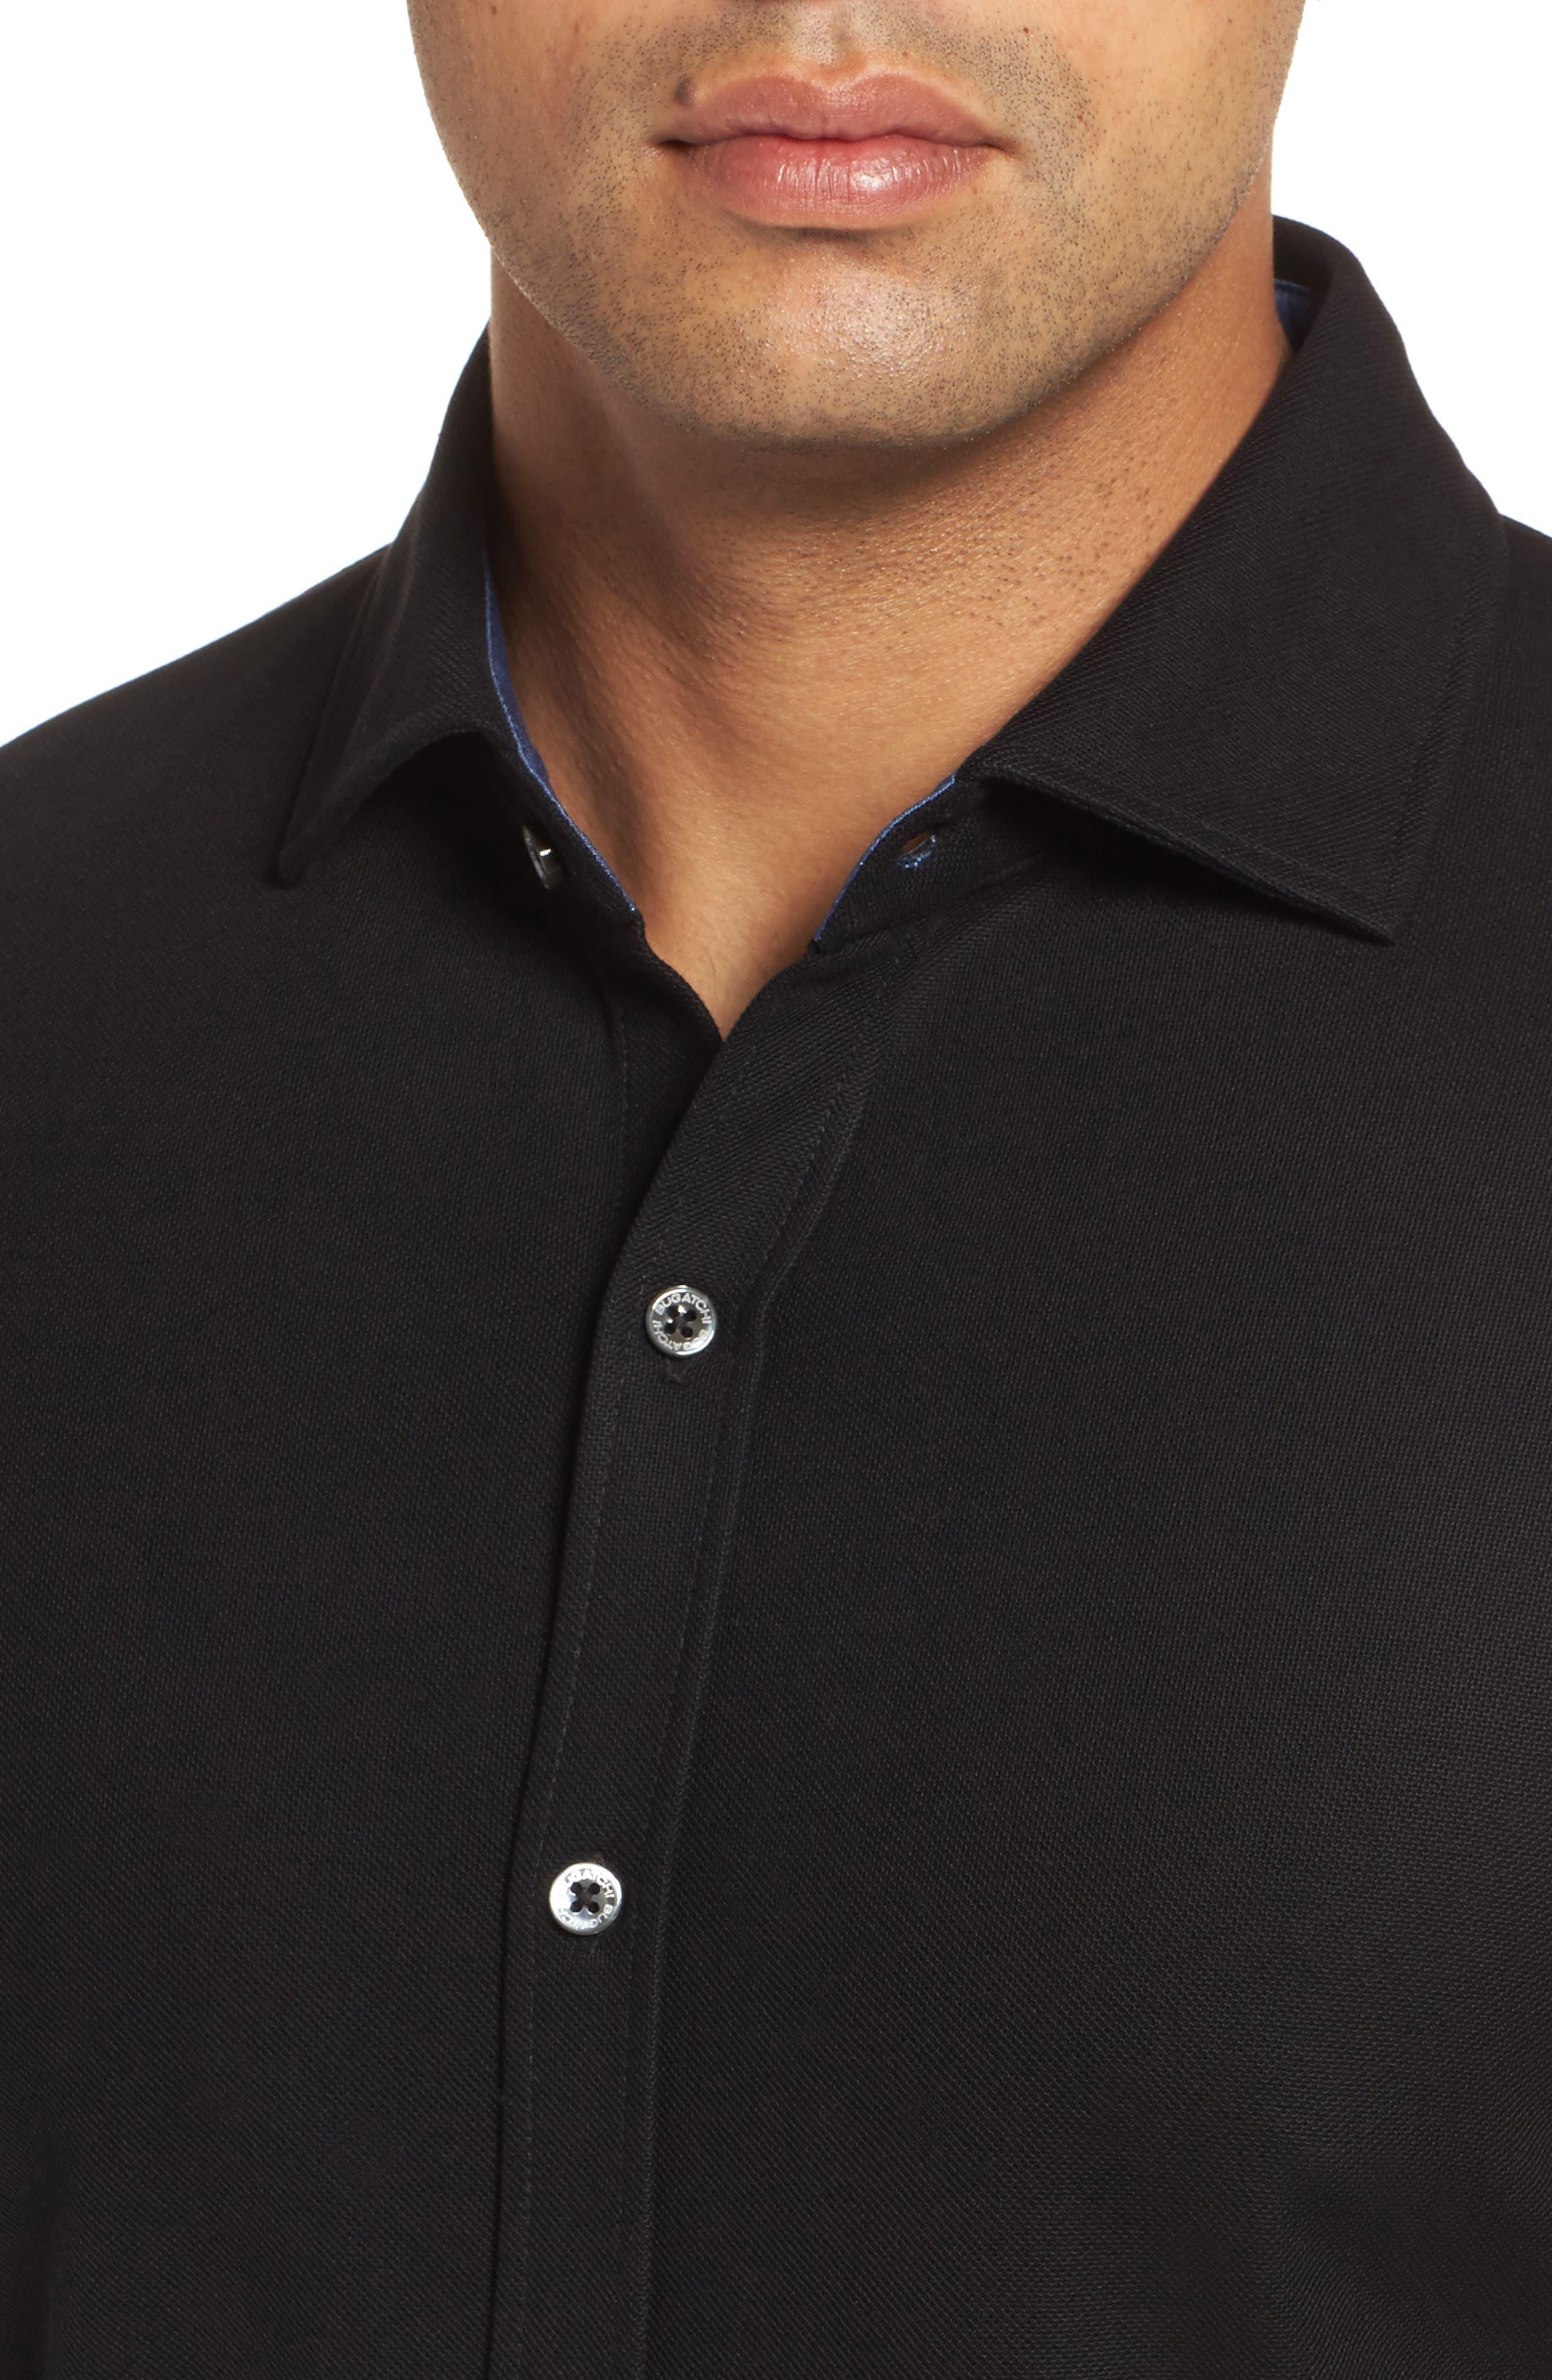 Classic Fit Piqué Knit Shirt,                             Alternate thumbnail 4, color,                             Black